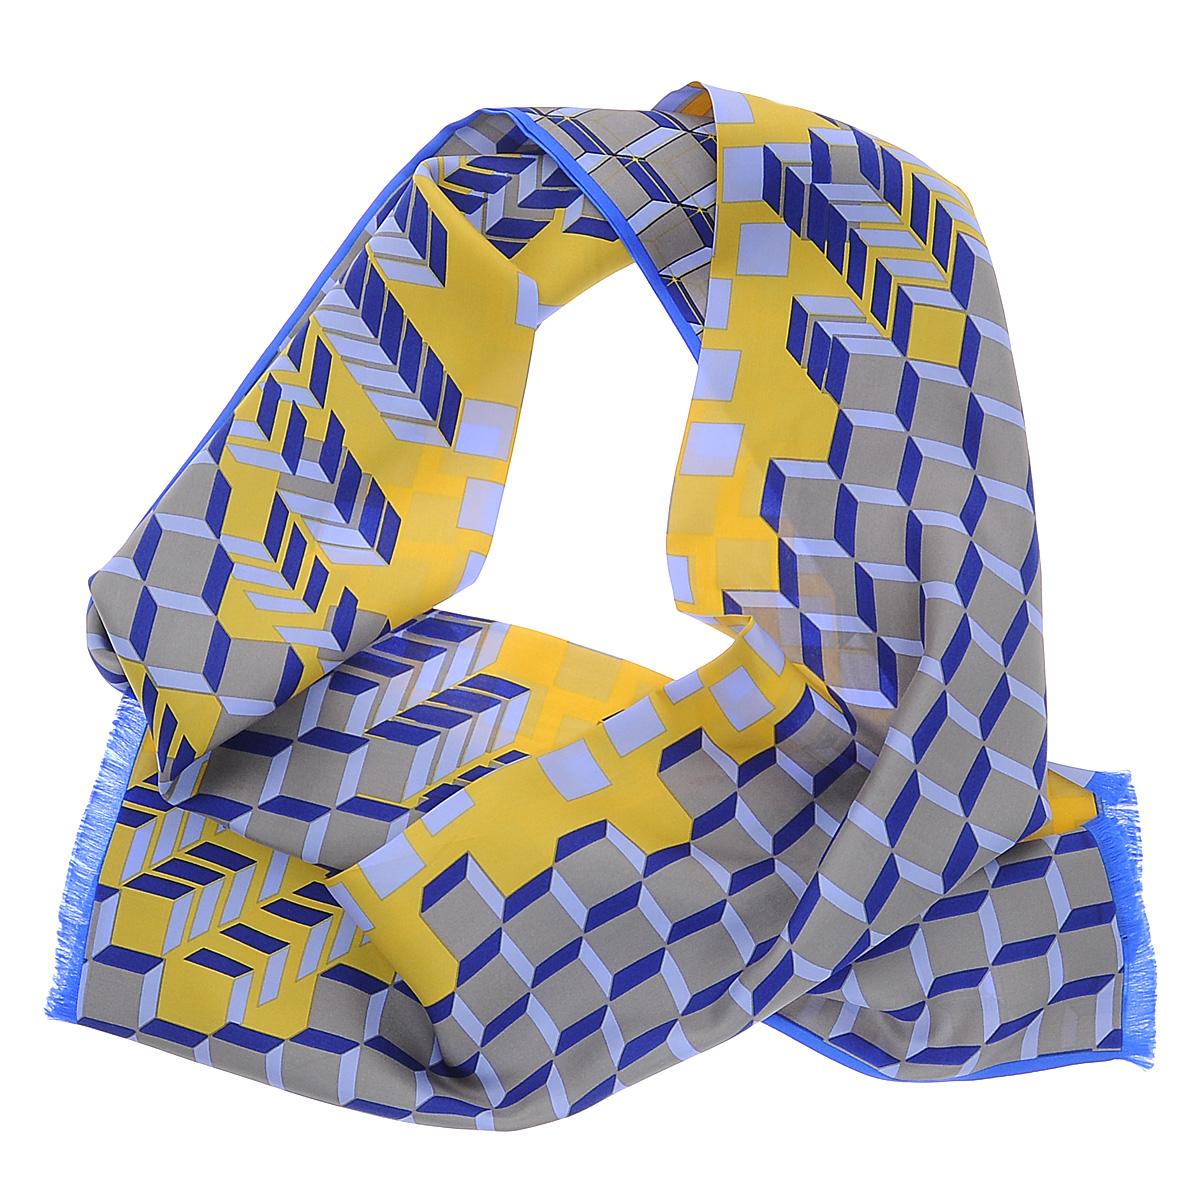 90001-10IЭлегантный мужской шарф Moltini станет изысканным аксессуаром, который призван подчеркнуть ваш стиль и индивидуальность. Он выполнен из 100% шелка и оформлен оригинальным принтом. Края модели декорированы тонкой бахромой.